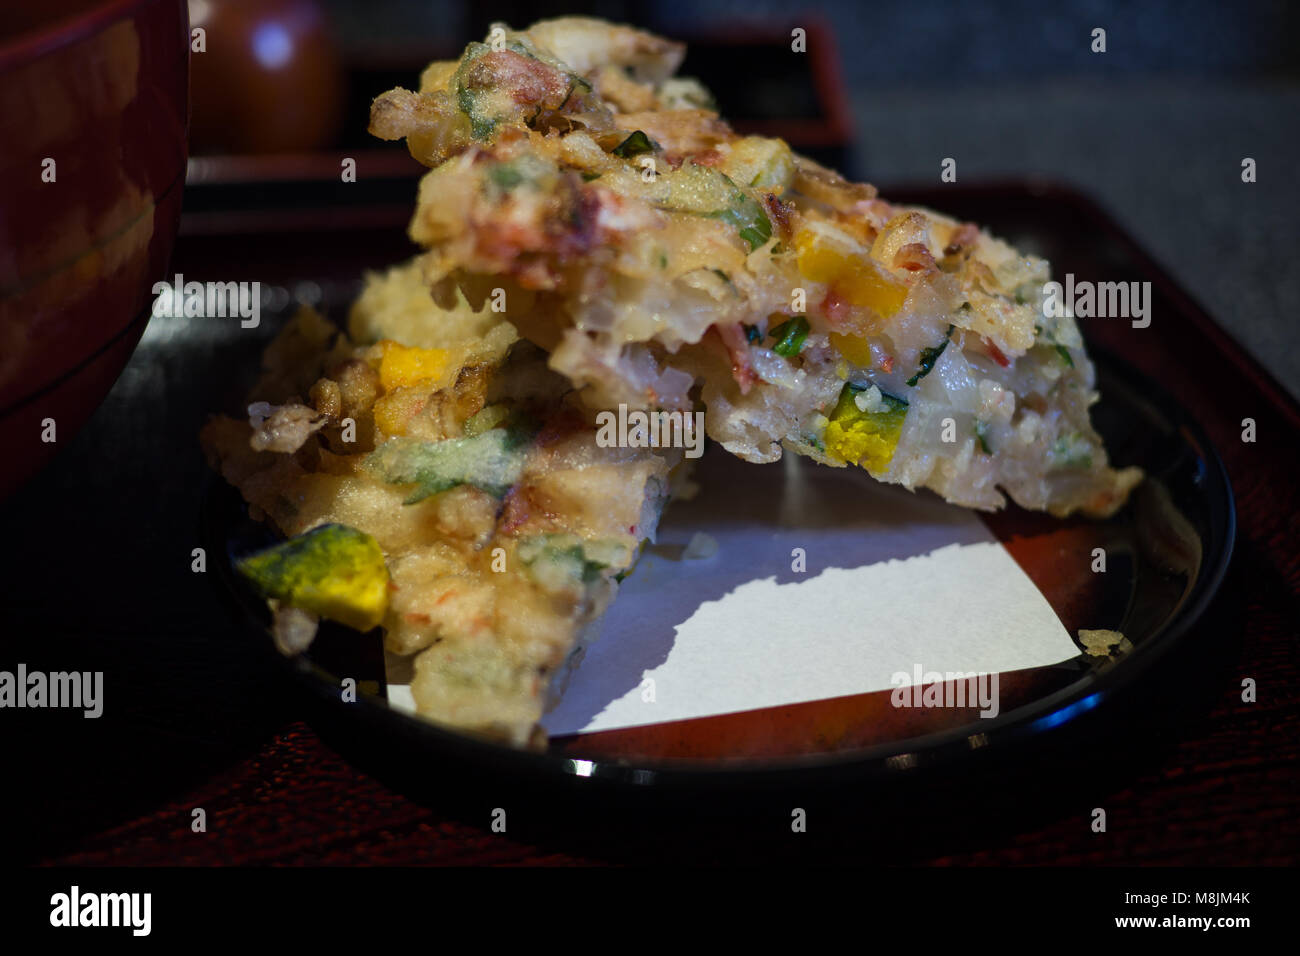 Frittierte Gemüse Pattie mit Kartoffel, Kürbis, Zwiebel und Sellerie Stockbild